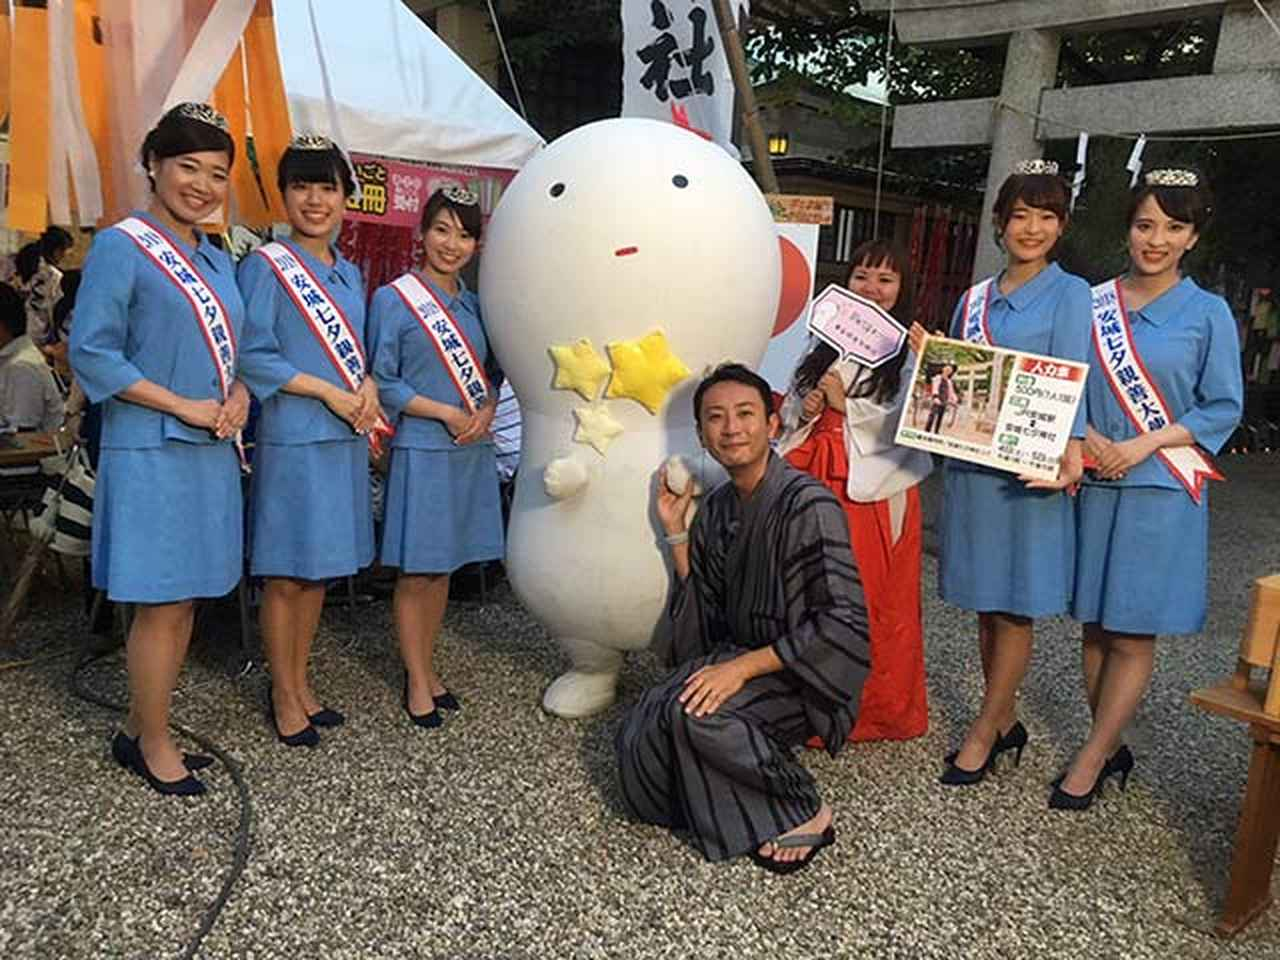 画像: 公式キャラクター「きーぼー」と通訳・みことさん、 そして安城七夕親善大使のみなさんと。爽やかなひととき。